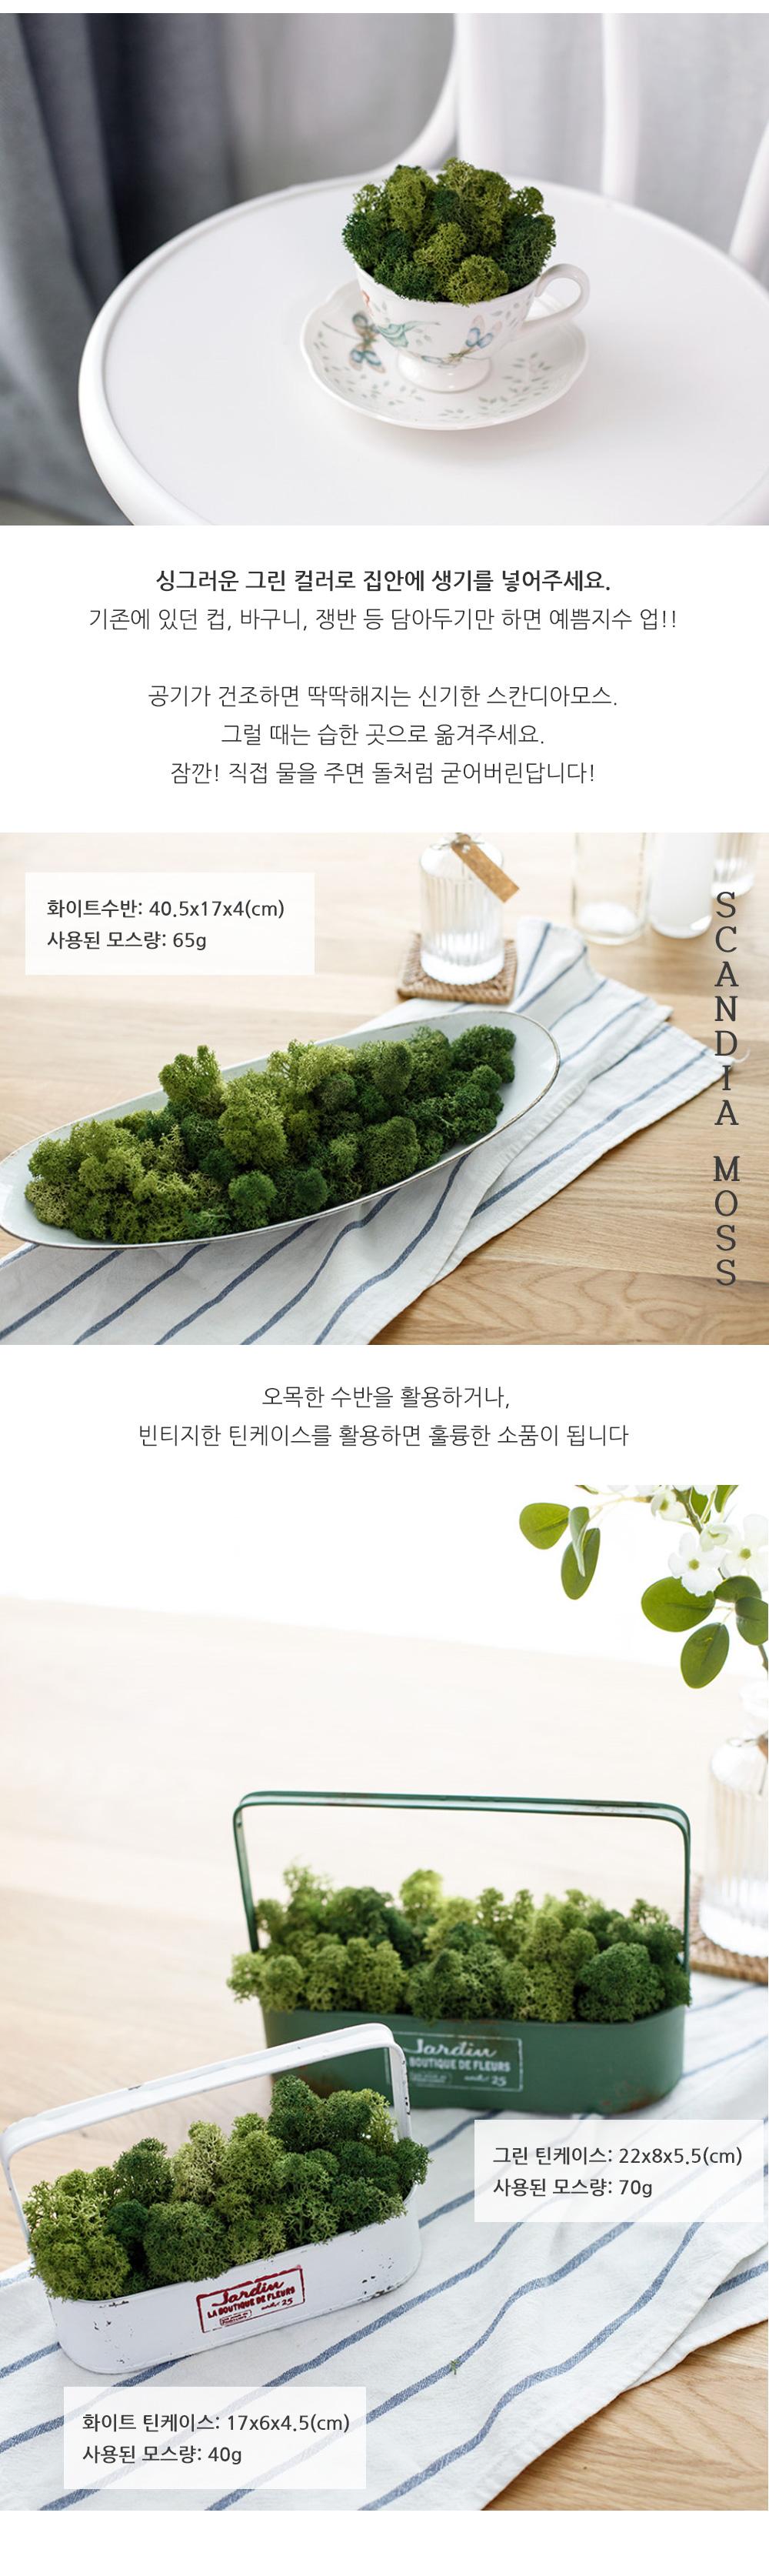 천연이끼 공기정화 식물 스칸디아모스 단품 25g - 아티파티, 3,900원, 조화, 프리저브드